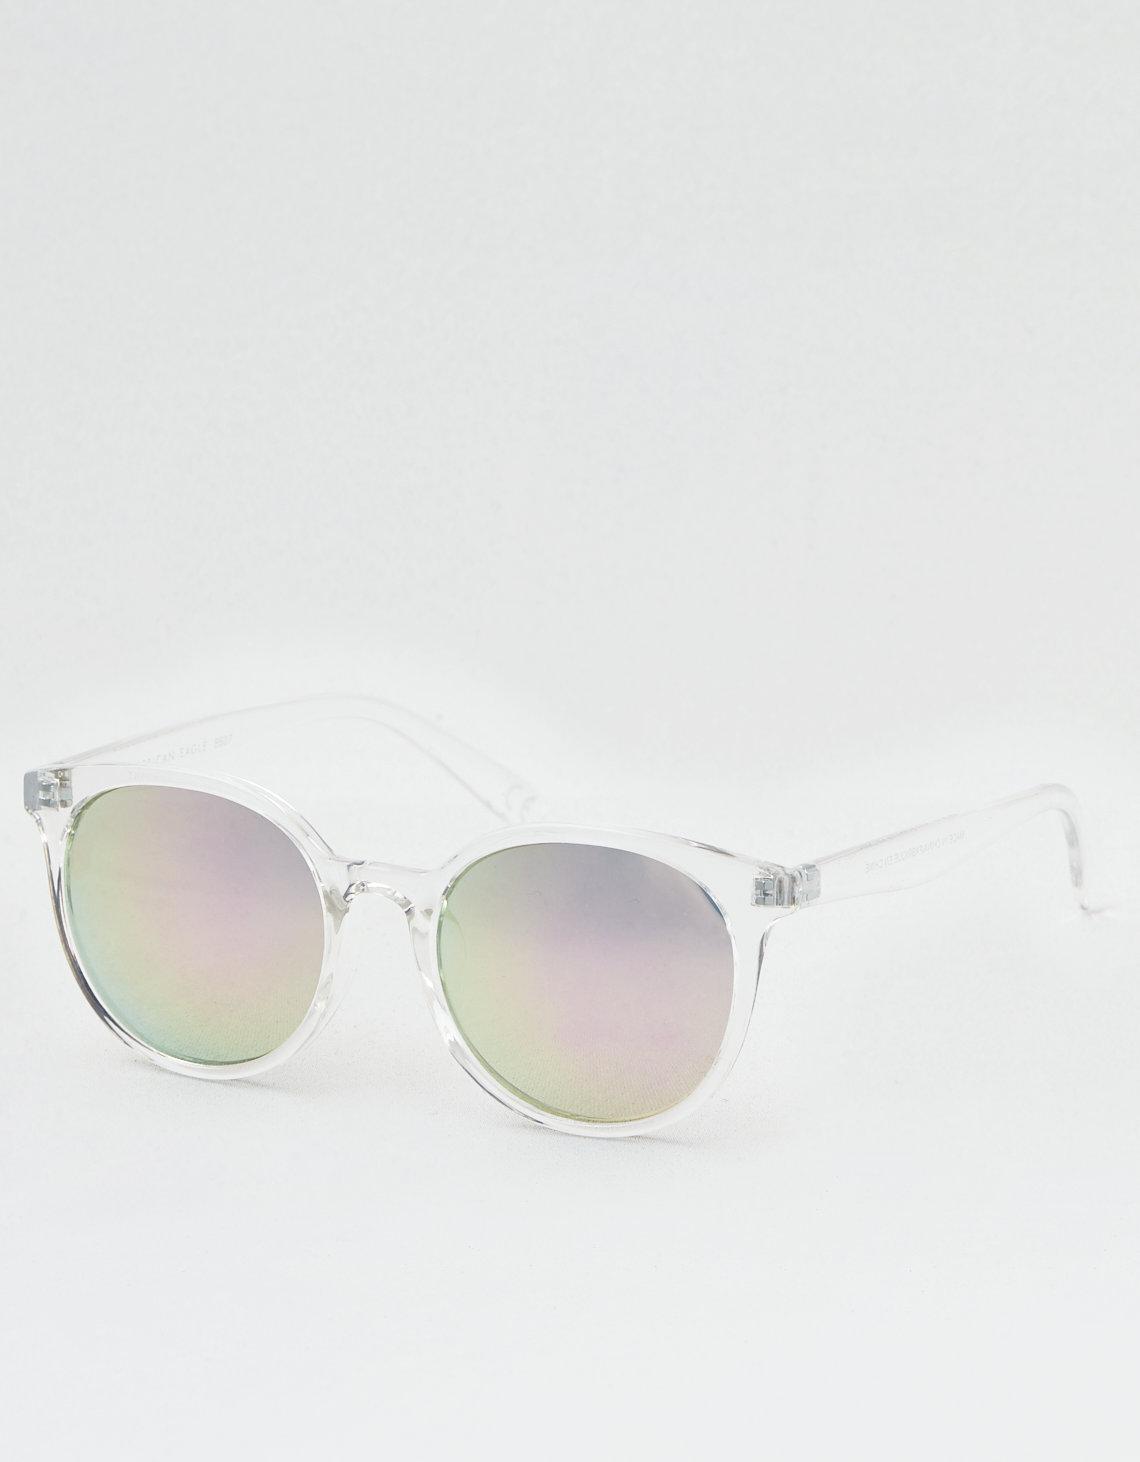 391eb8fa90 AE Clear Plastic Sunglasses. Placeholder image. Product Image